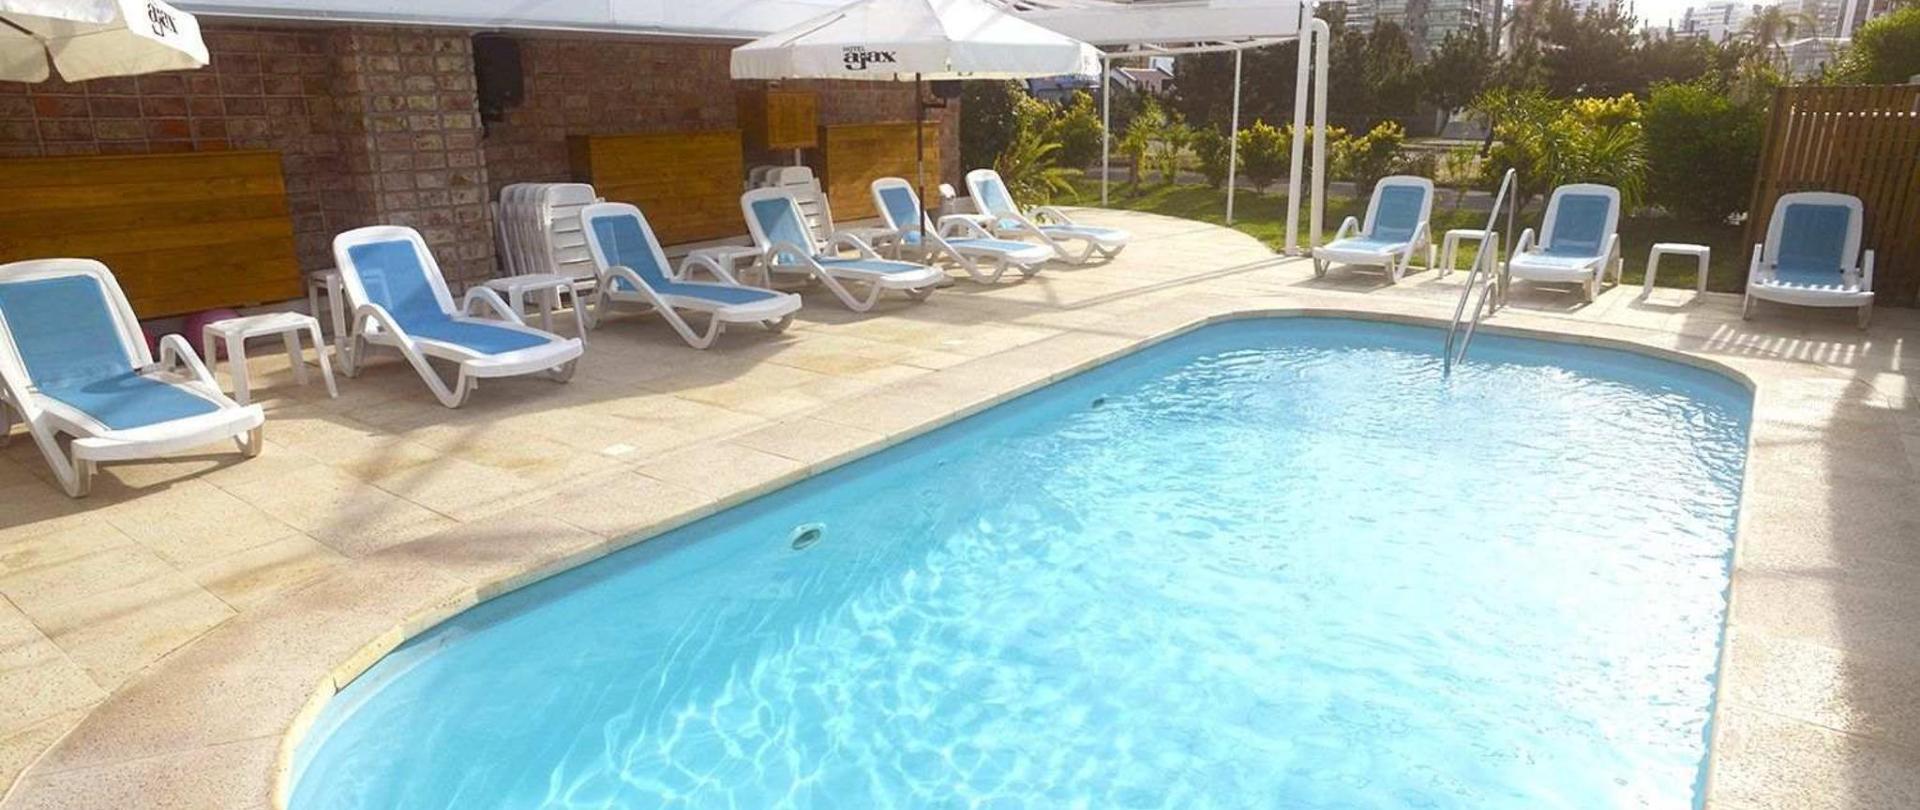 33-piscina-hotel-ajax-1.jpg